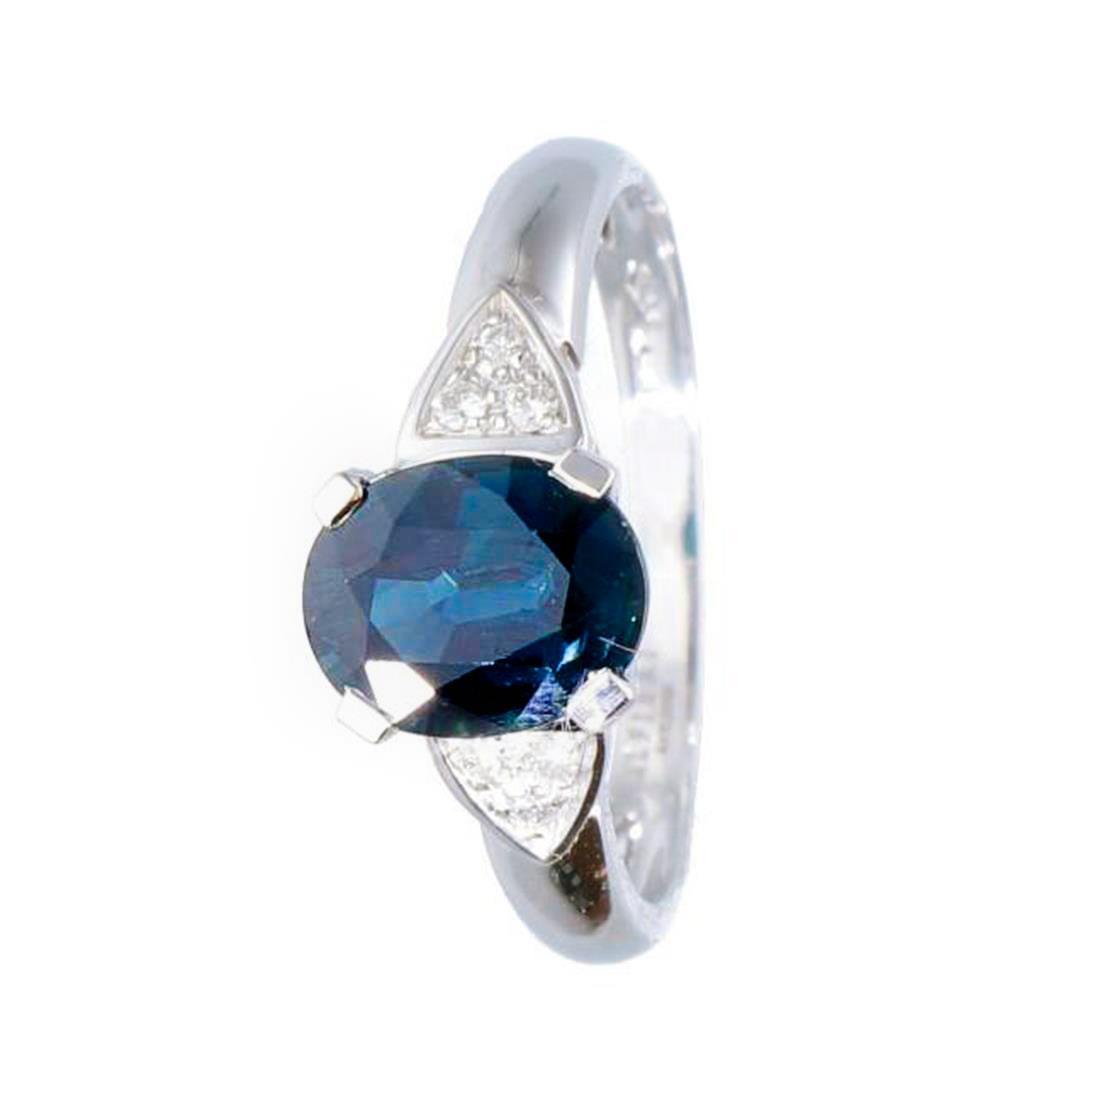 Anello con diamanti ct. 0,06 e zaffiro ct. 1,75 - ALFIERI & ST. JOHN